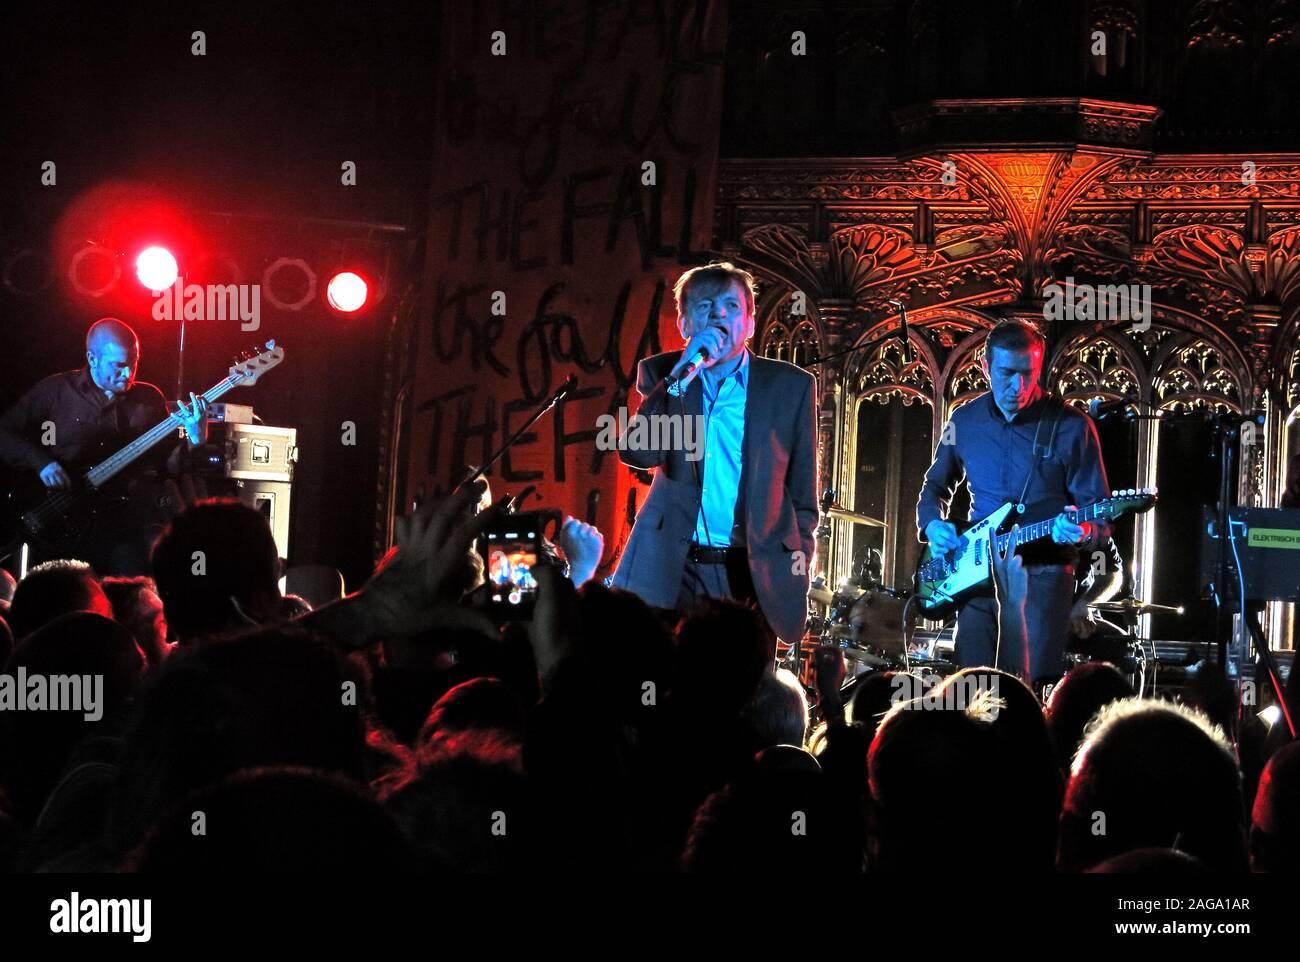 Dieses Stockfoto: Mark E Smith & Herbst 15/05/2014 Kathedrale von Manchester gig-Simon Archer, Mark. E. Smith, Peter Greenway Gitarrist & Elena Poulou Tastatur - 2AGA1A